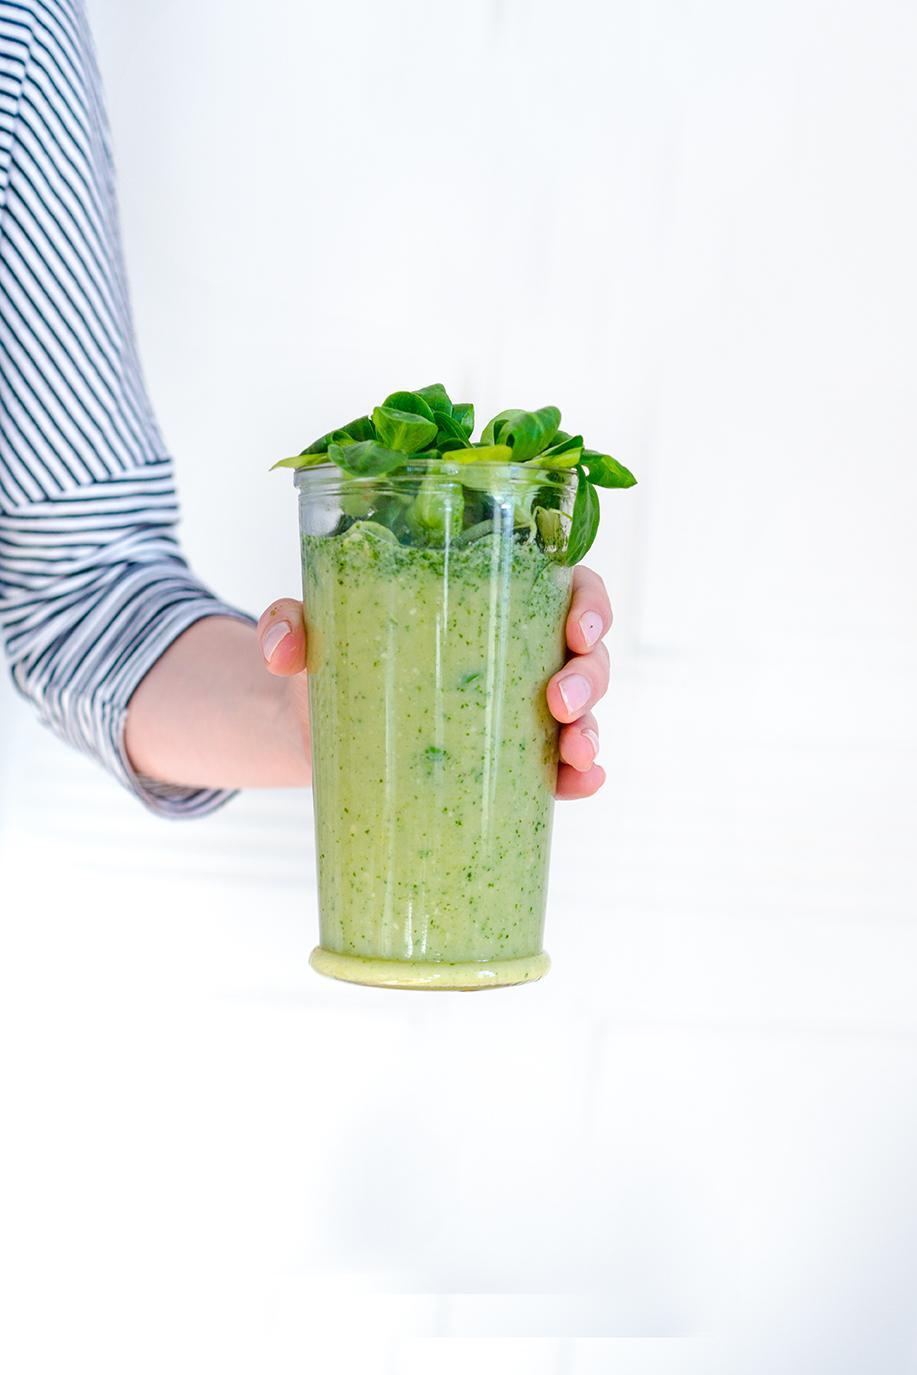 Grüner Smoothie in der Hand